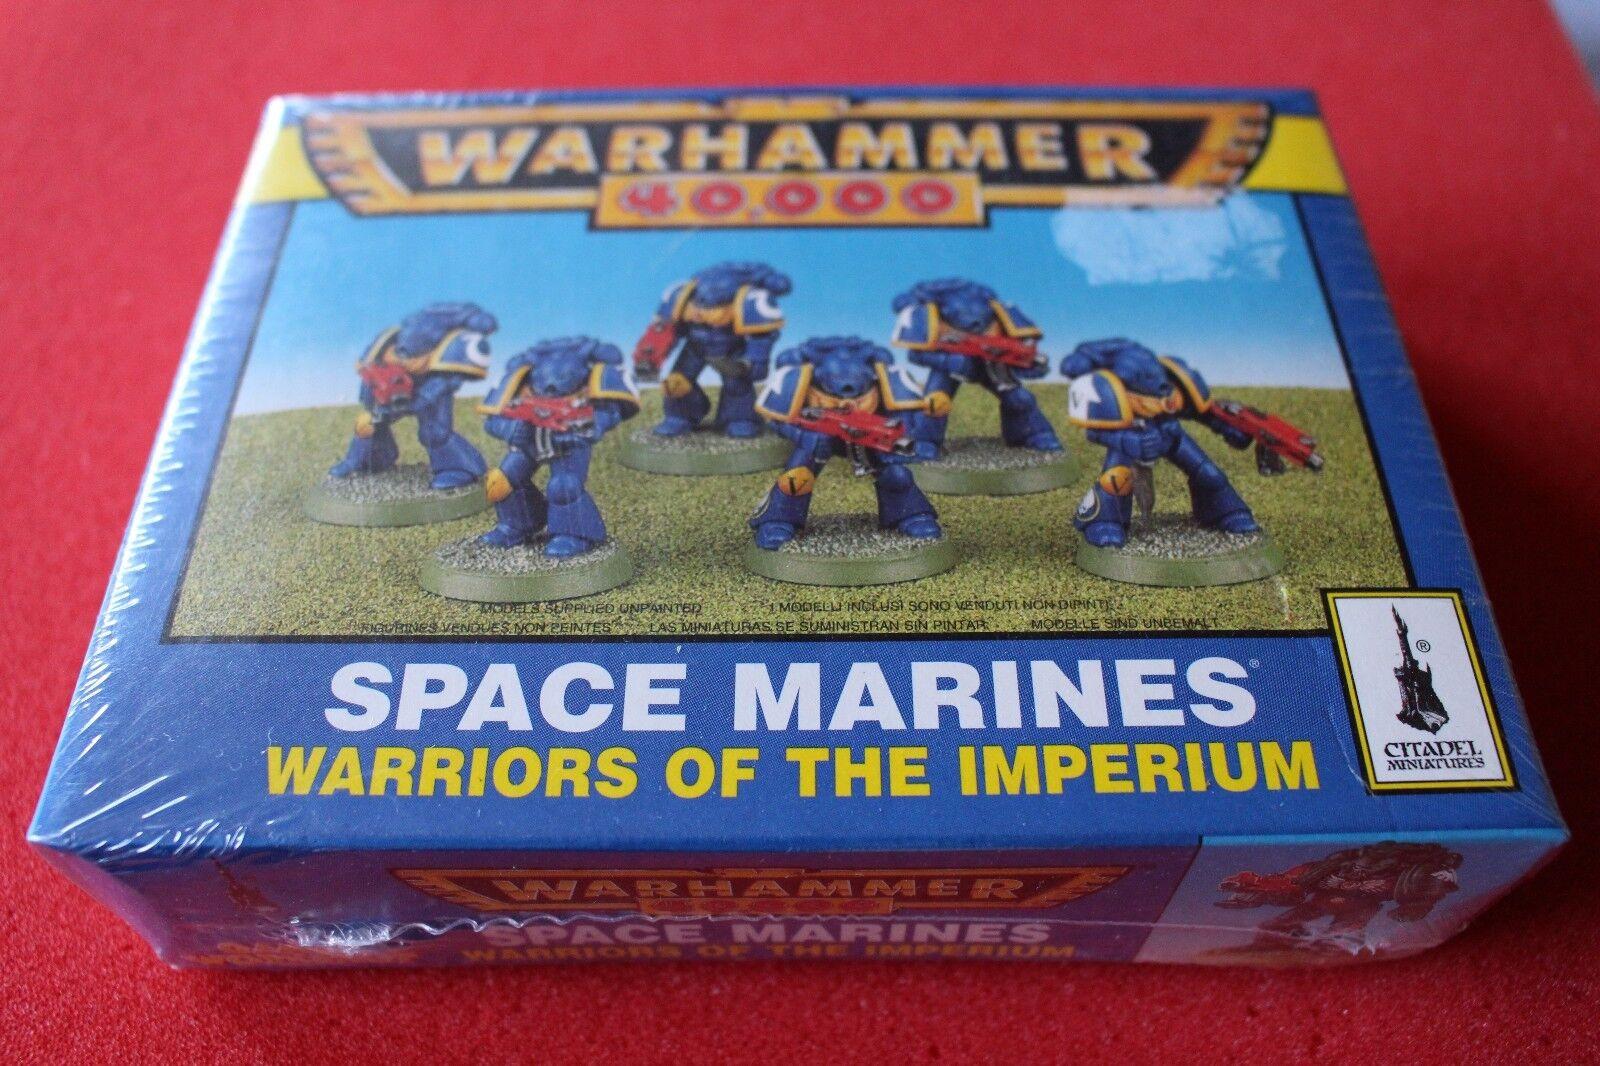 Spiele warhammer 40k space marines  krieger des imperium boxed neue